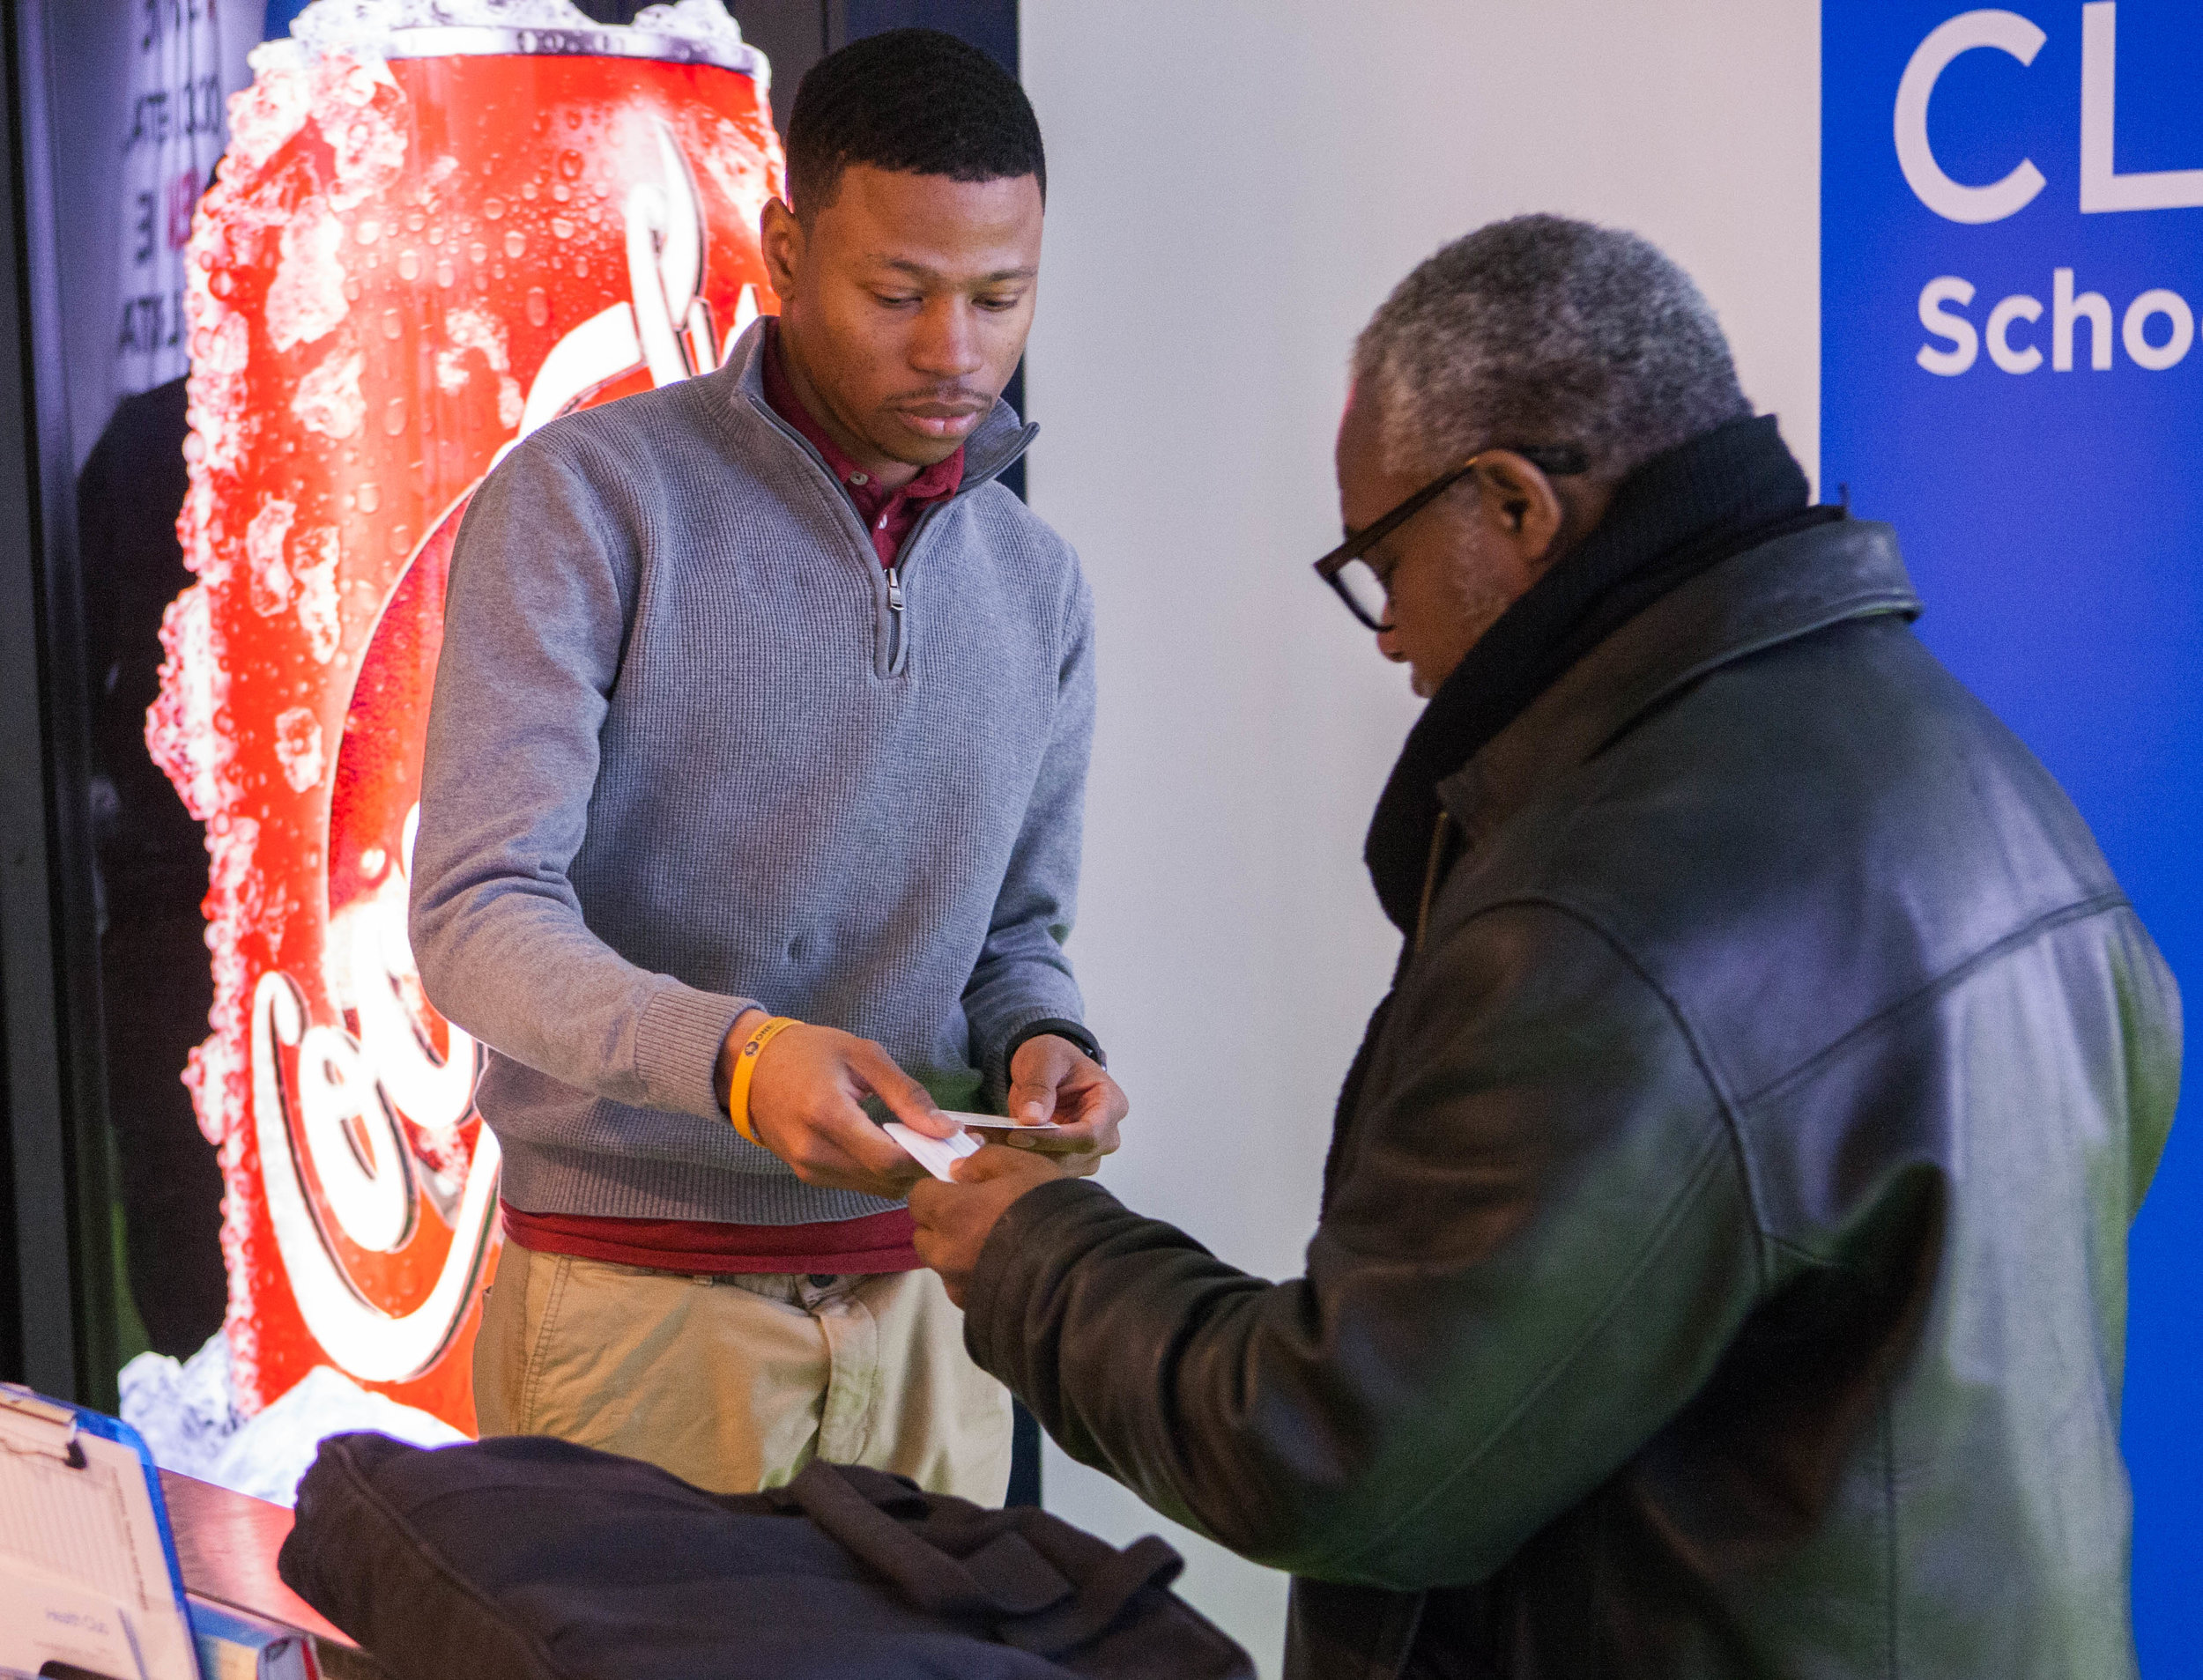 Robert hands a business card to an elderly man at a coffee shop.